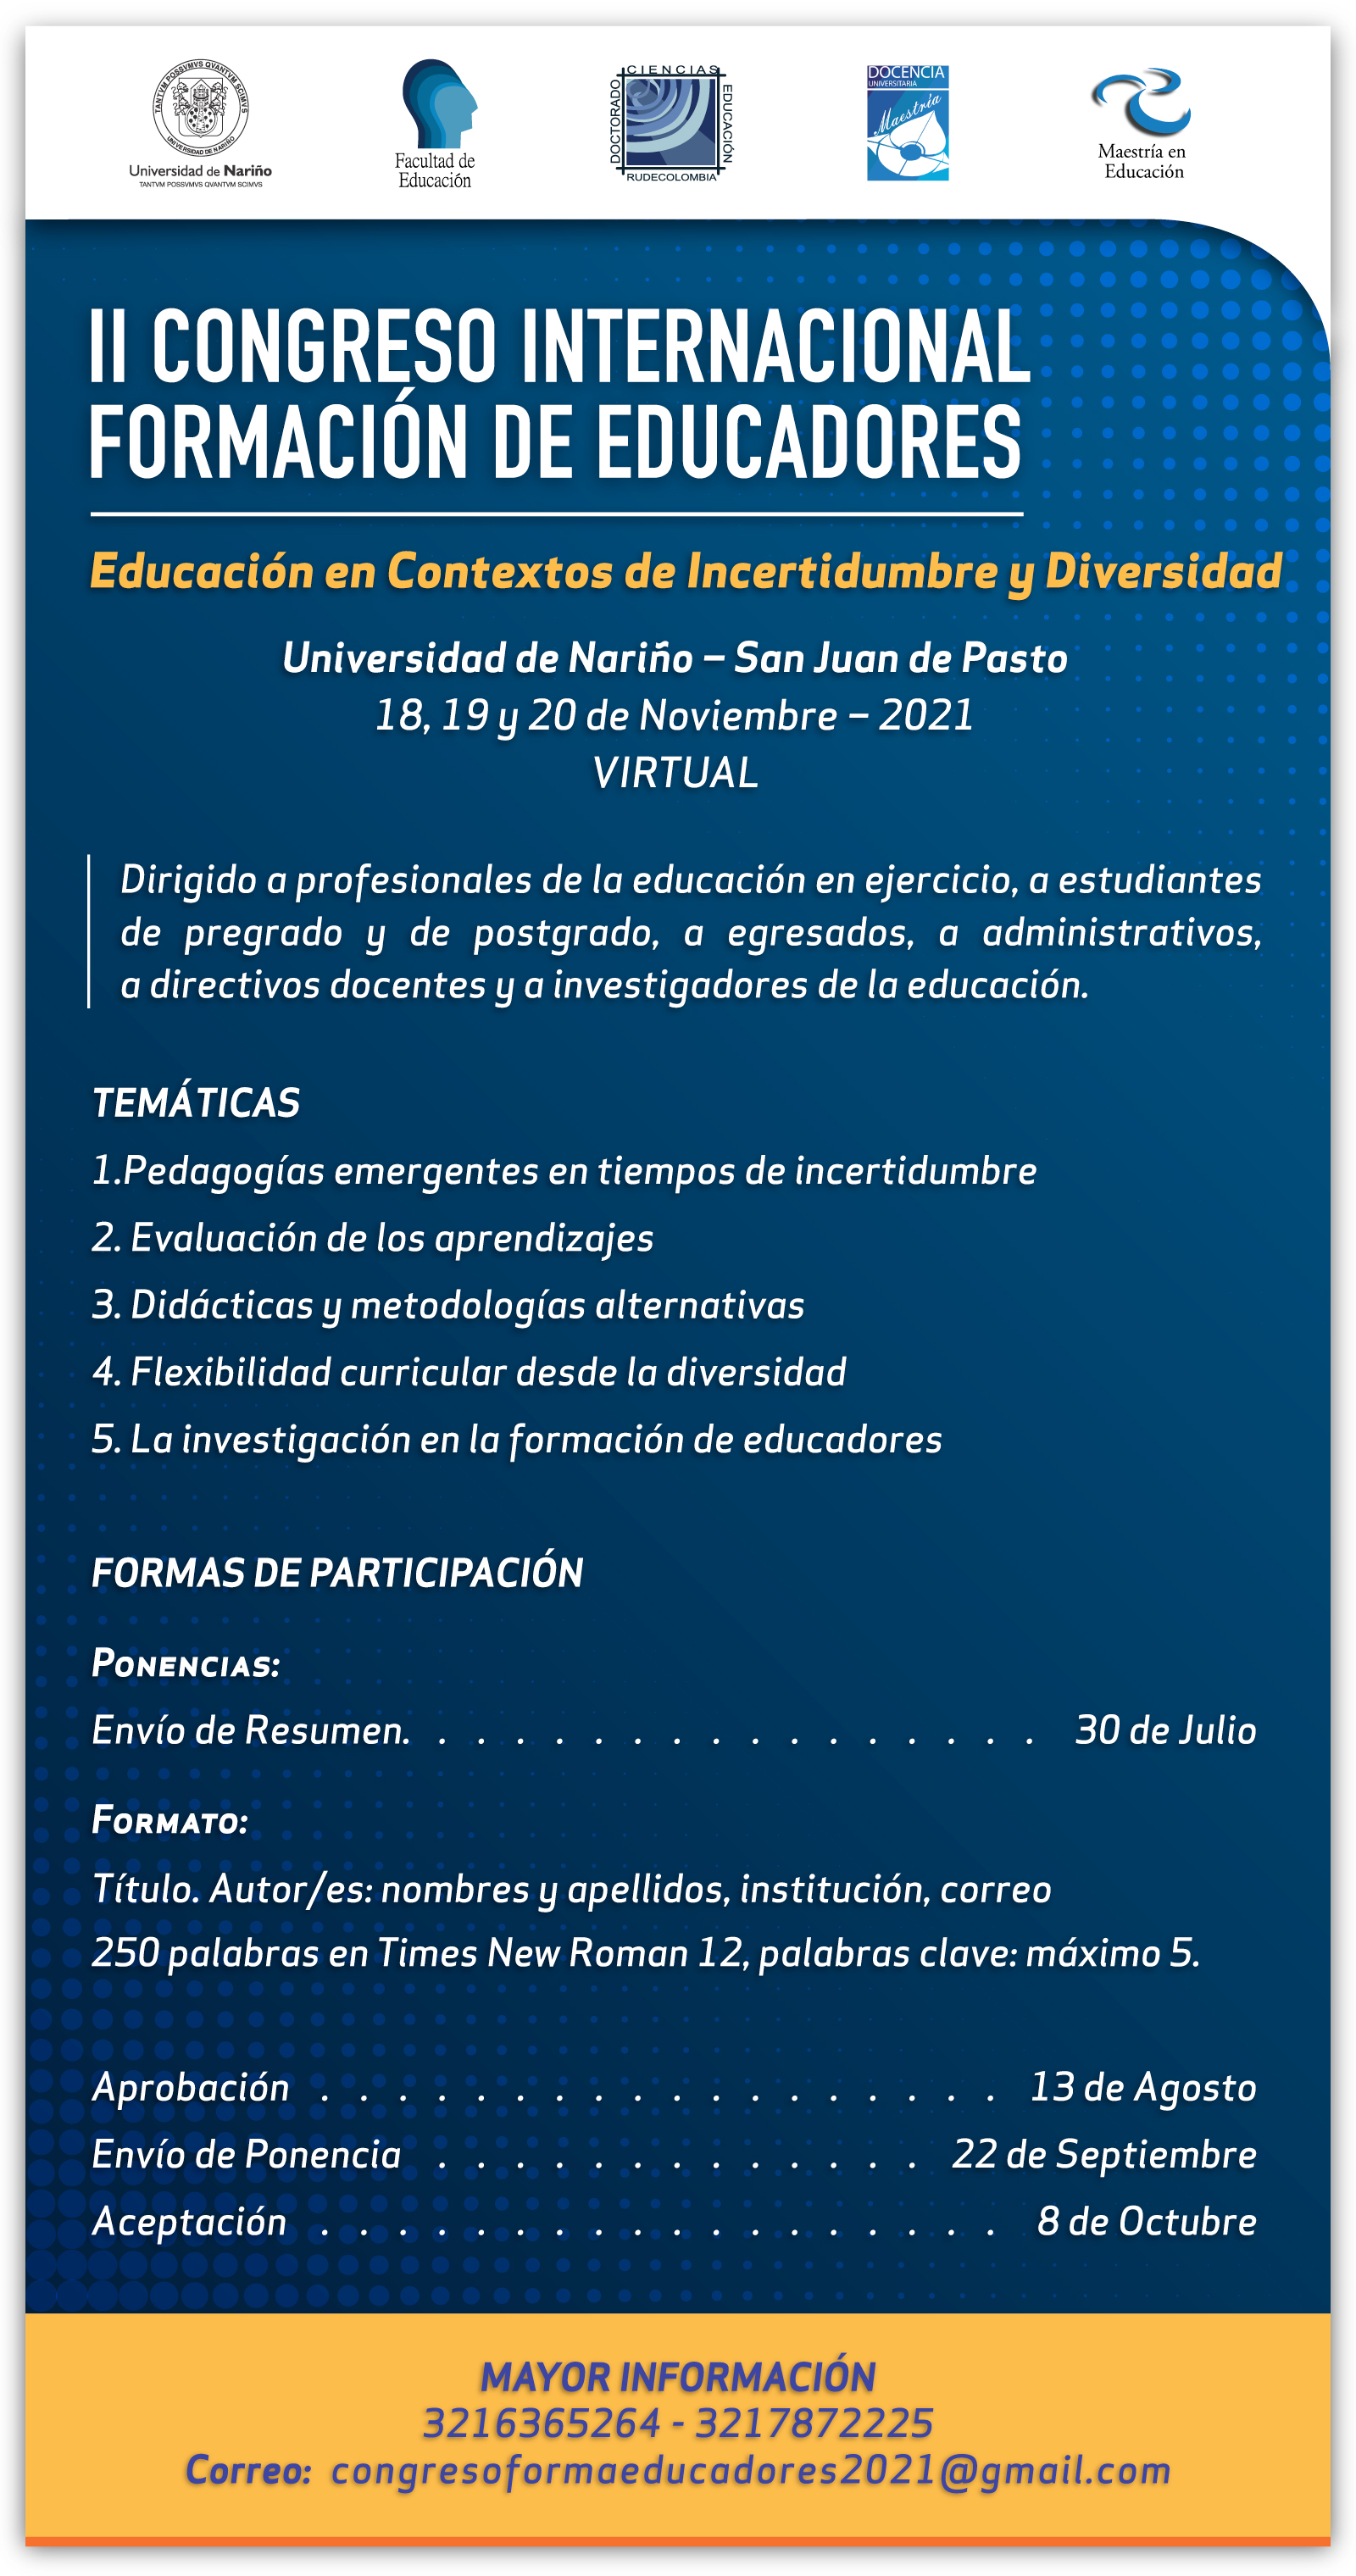 Congreso-Internacional-Formacion-de-Educadores_